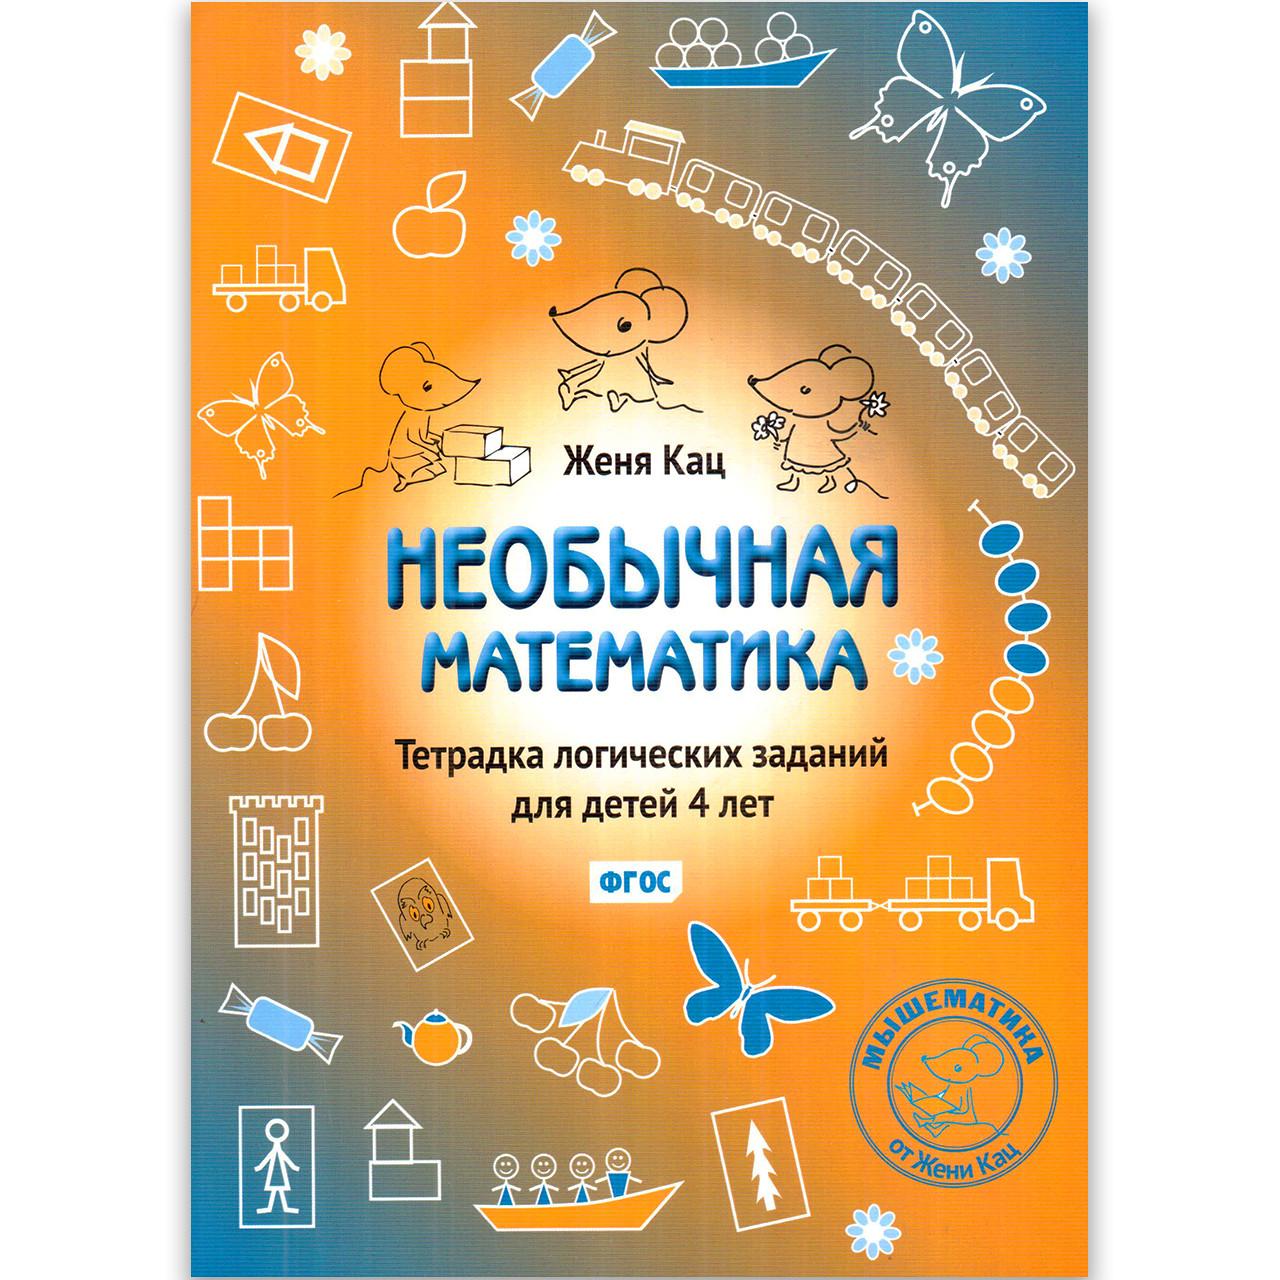 Необычная математика для детей 4 лет Авт: Женя Кац Изд: МЦНМО